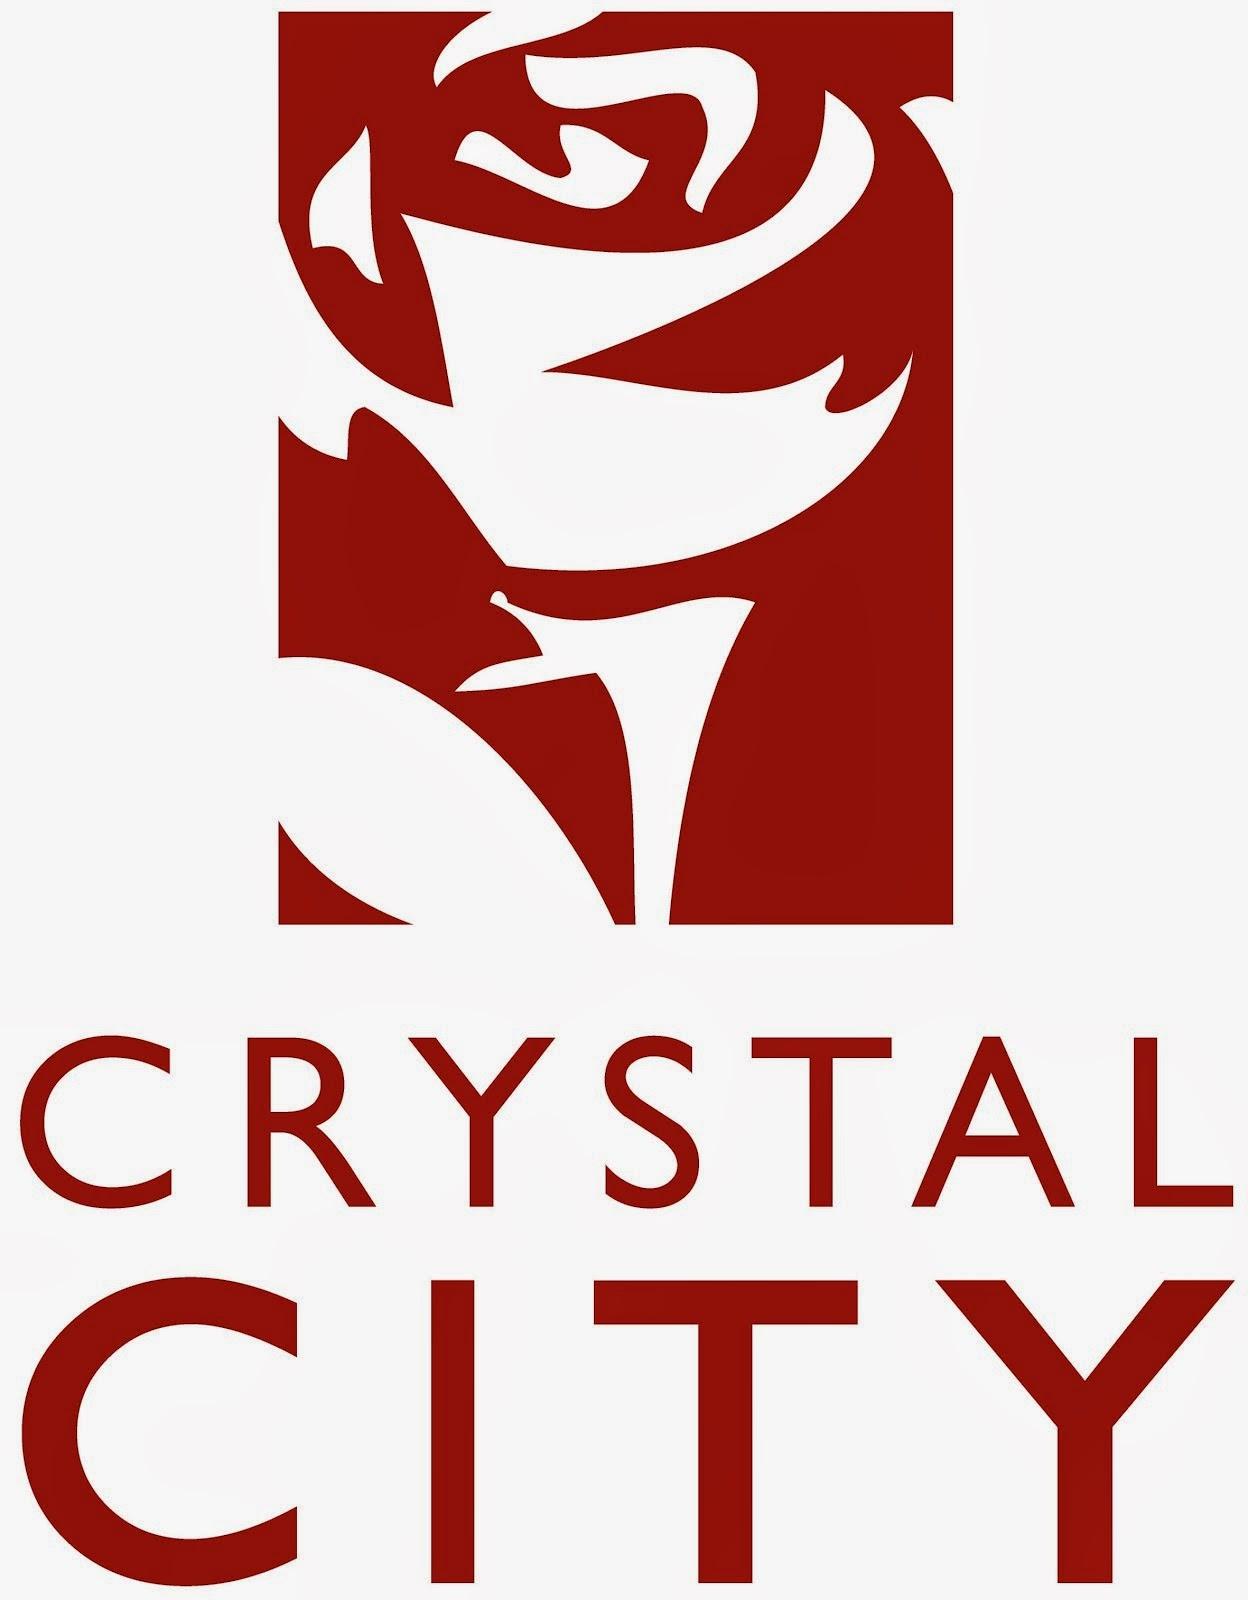 Współpraca z CrystalCiTY